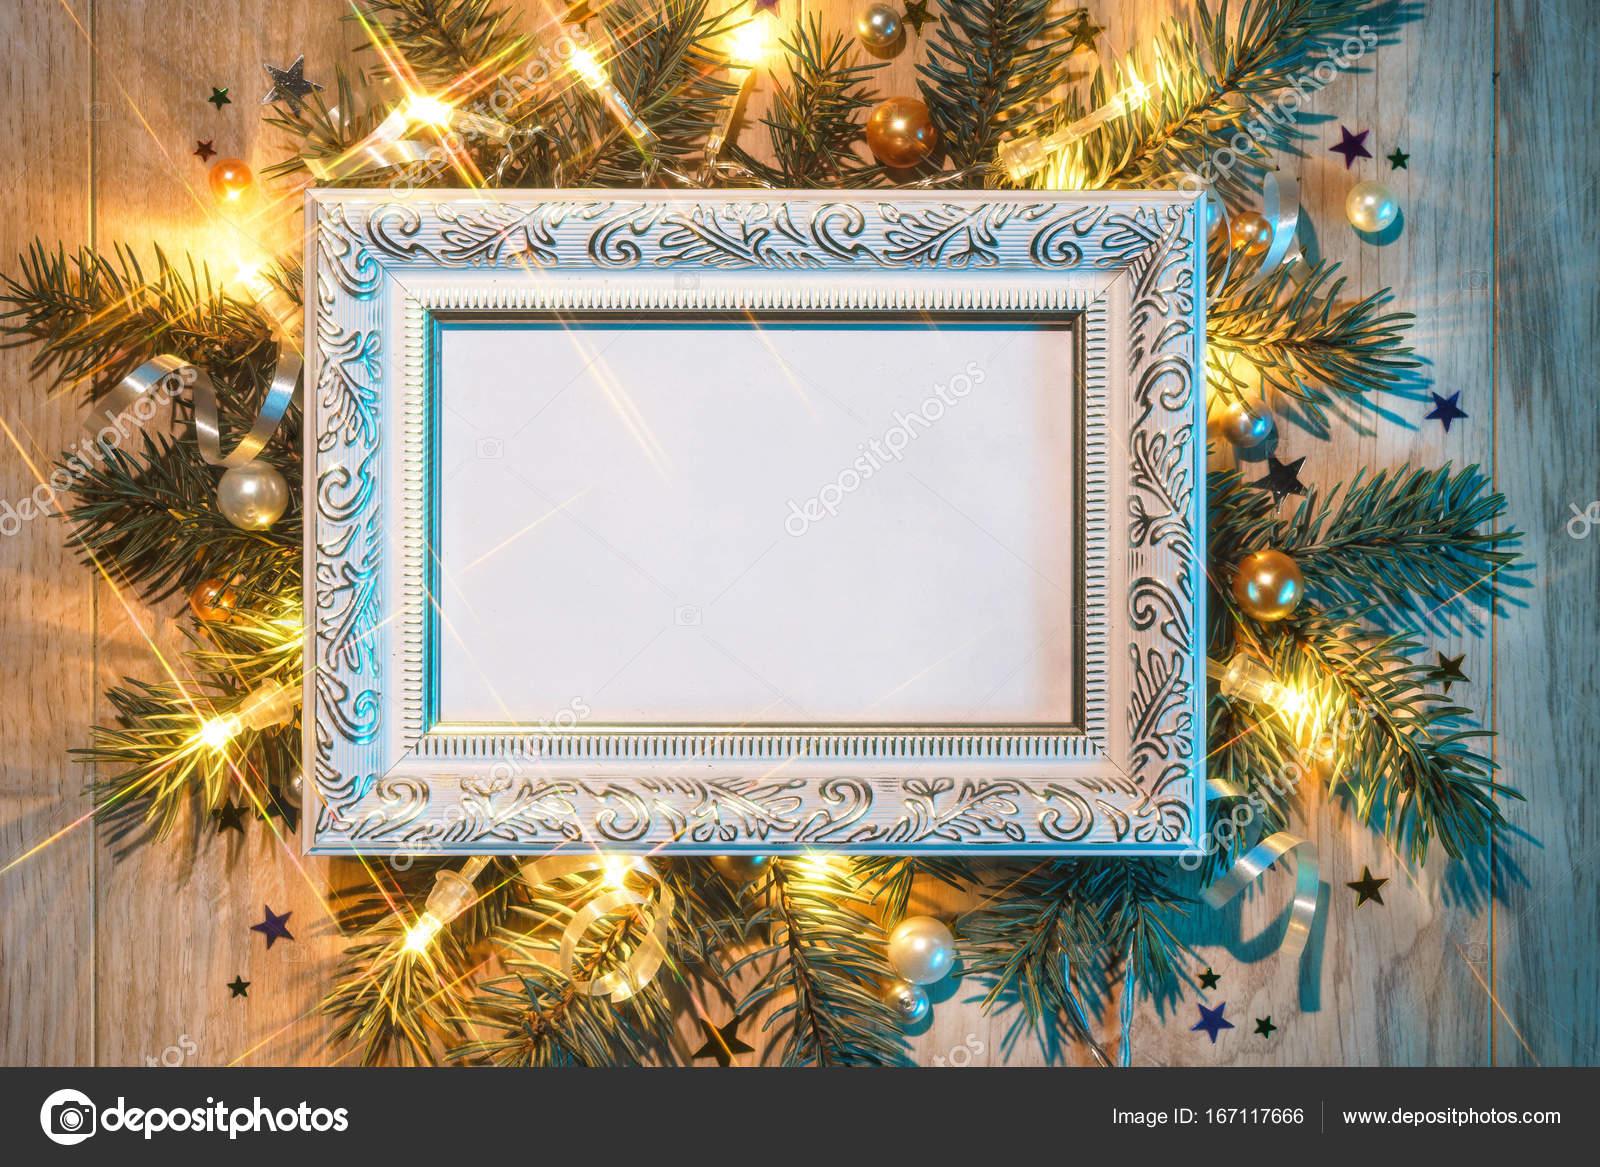 Weihnachten Tannenbaum mit weißem festliche Rahmen — Stockfoto ...